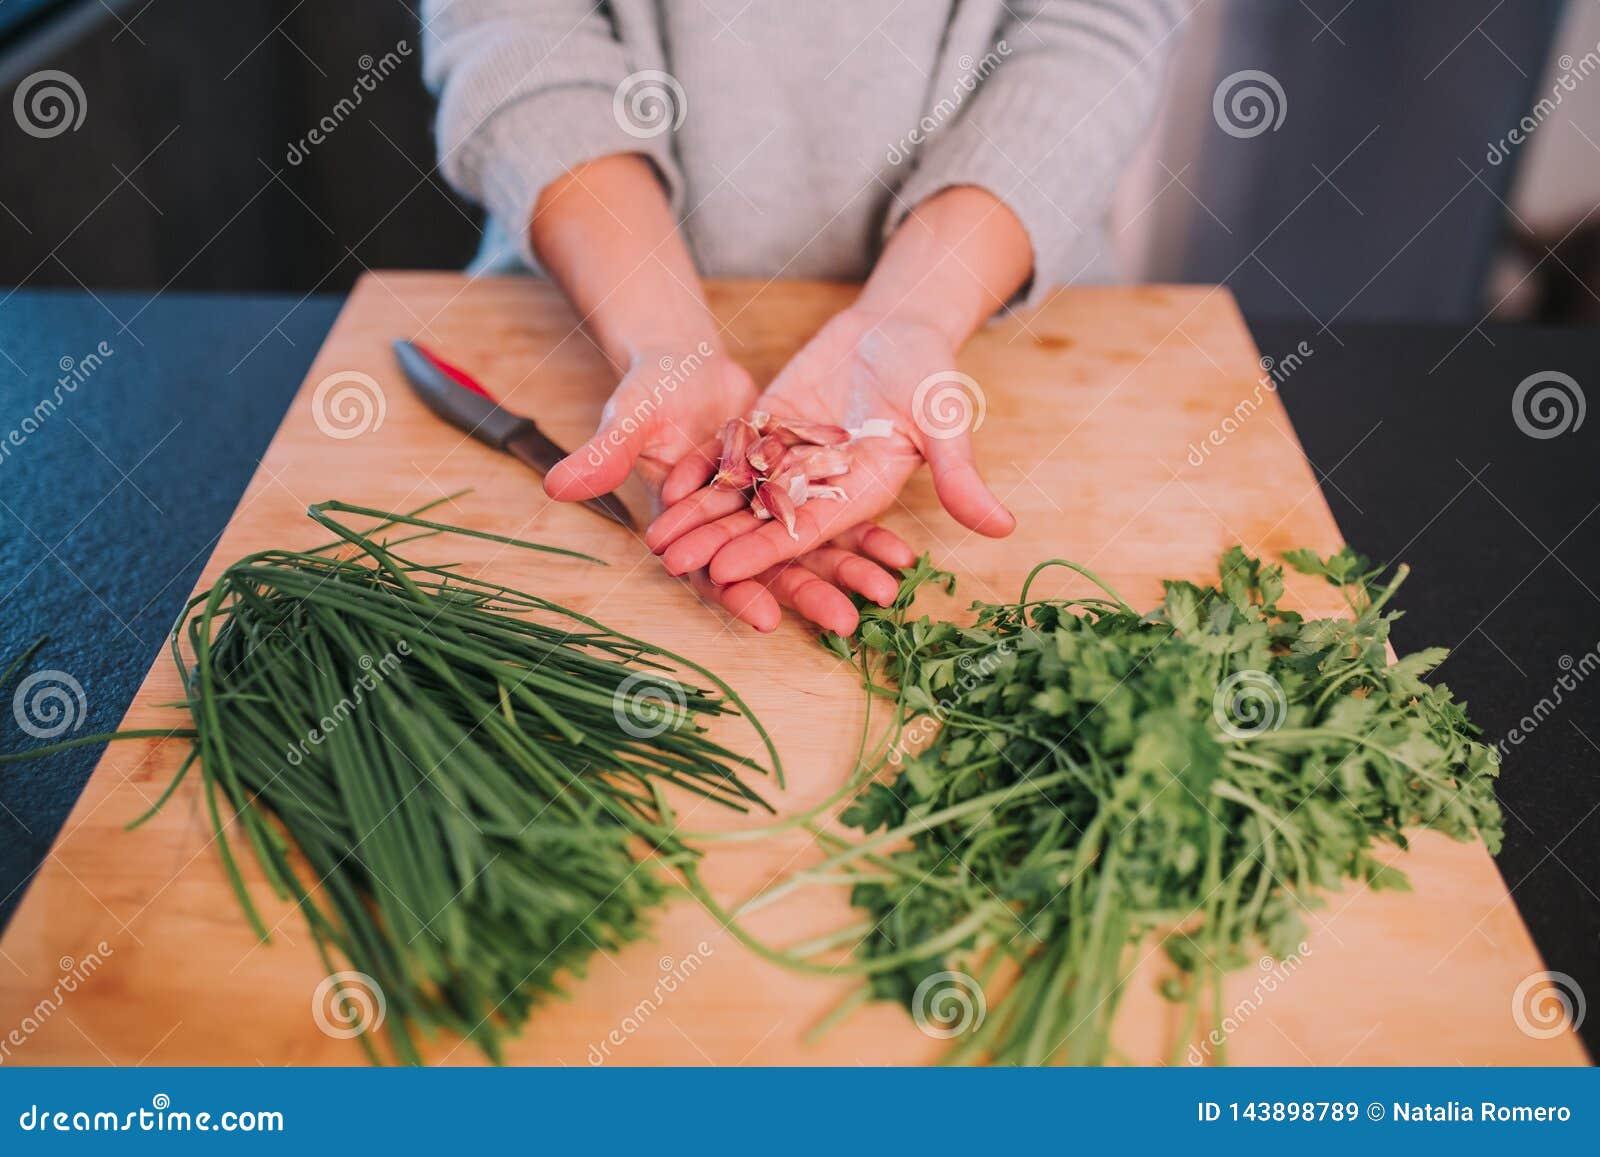 Een persoon kookt groenten